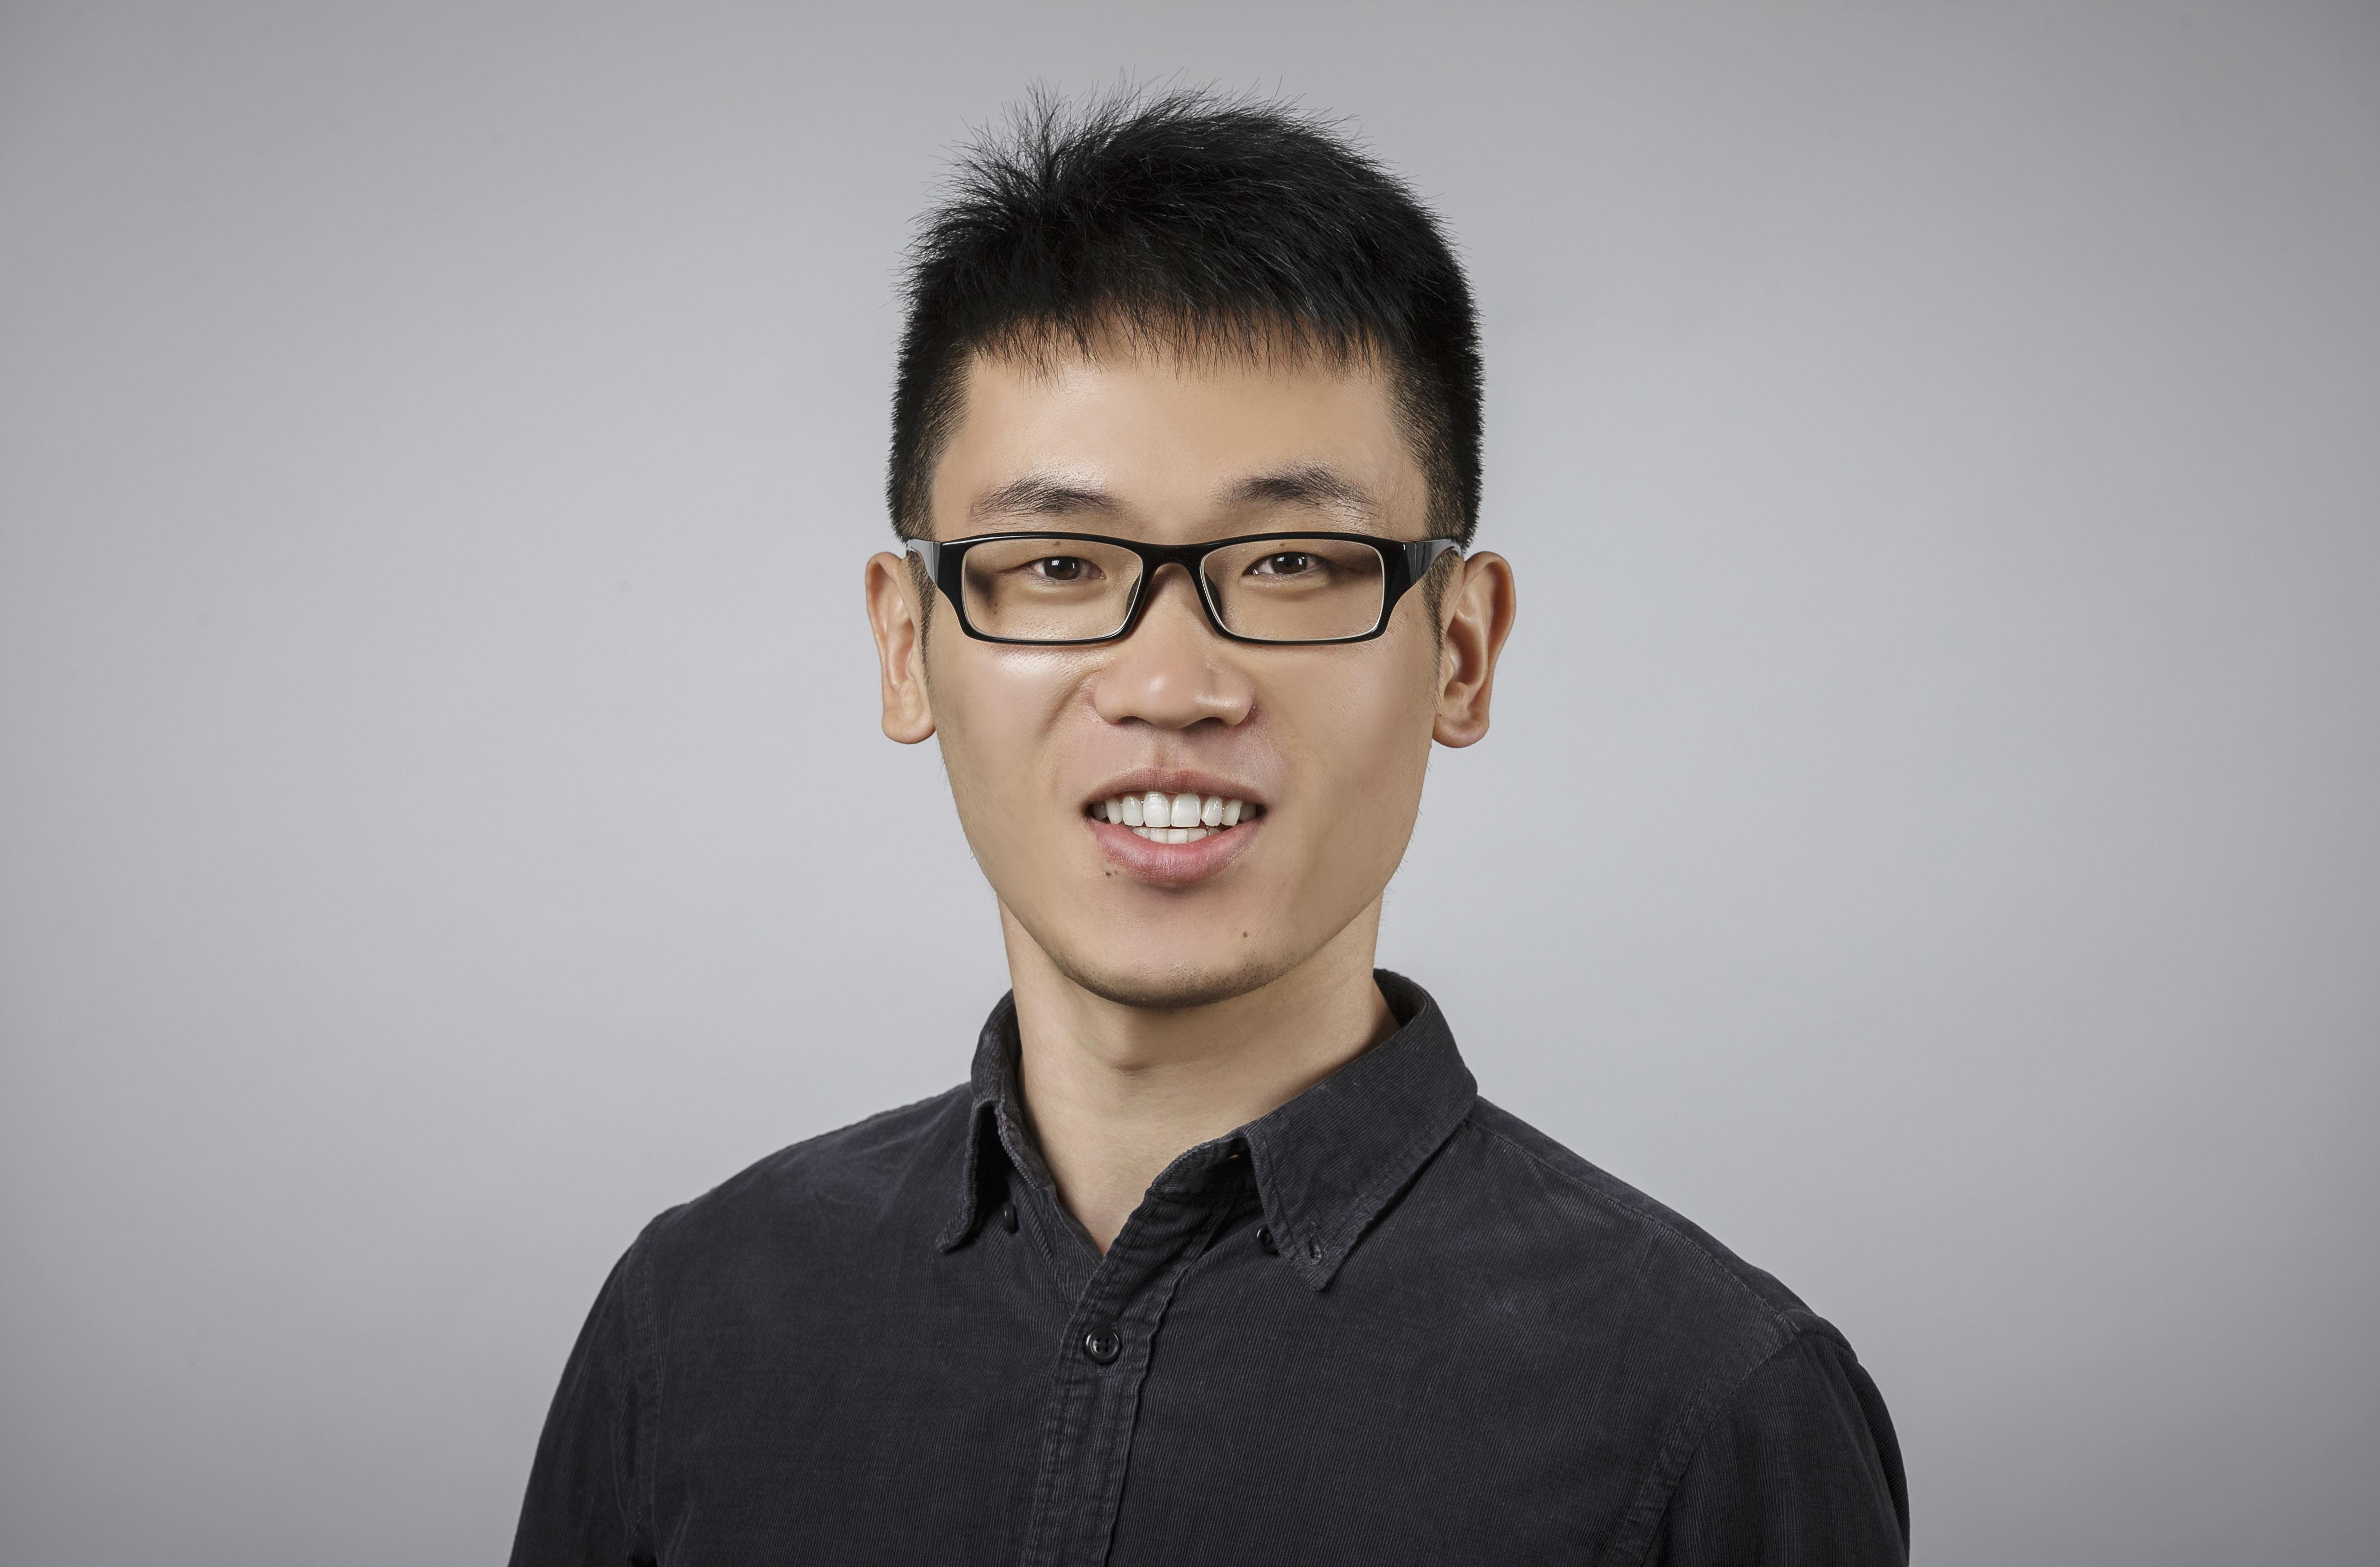 Jin Zhu